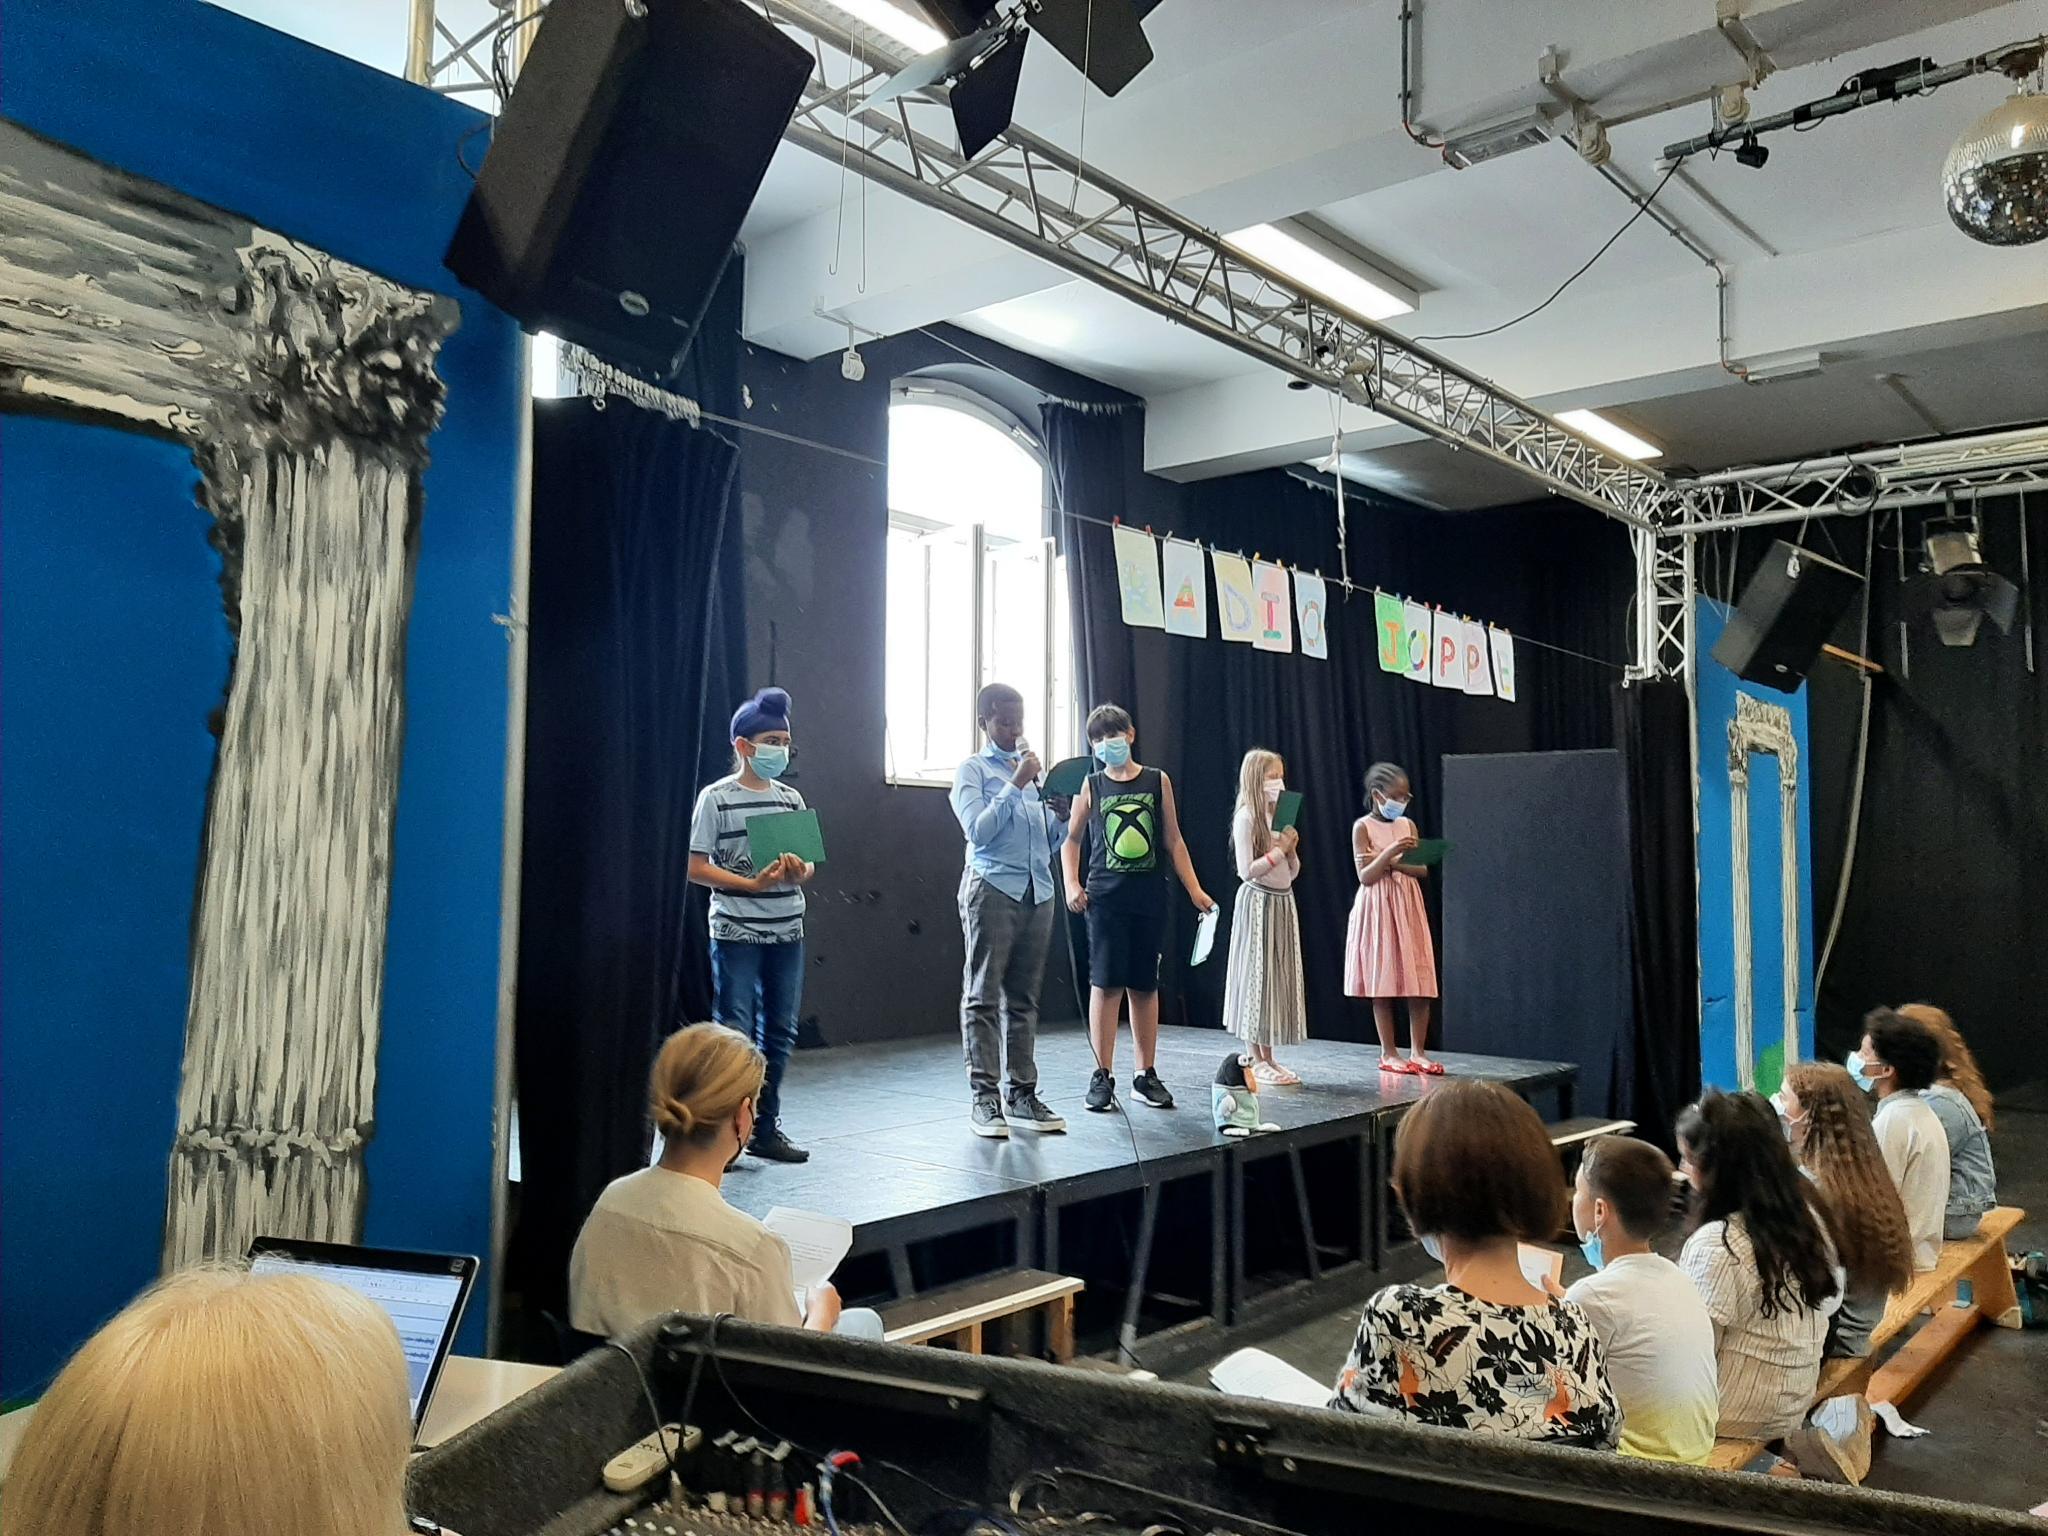 Schülerinnen und Schüler auf der Bühne